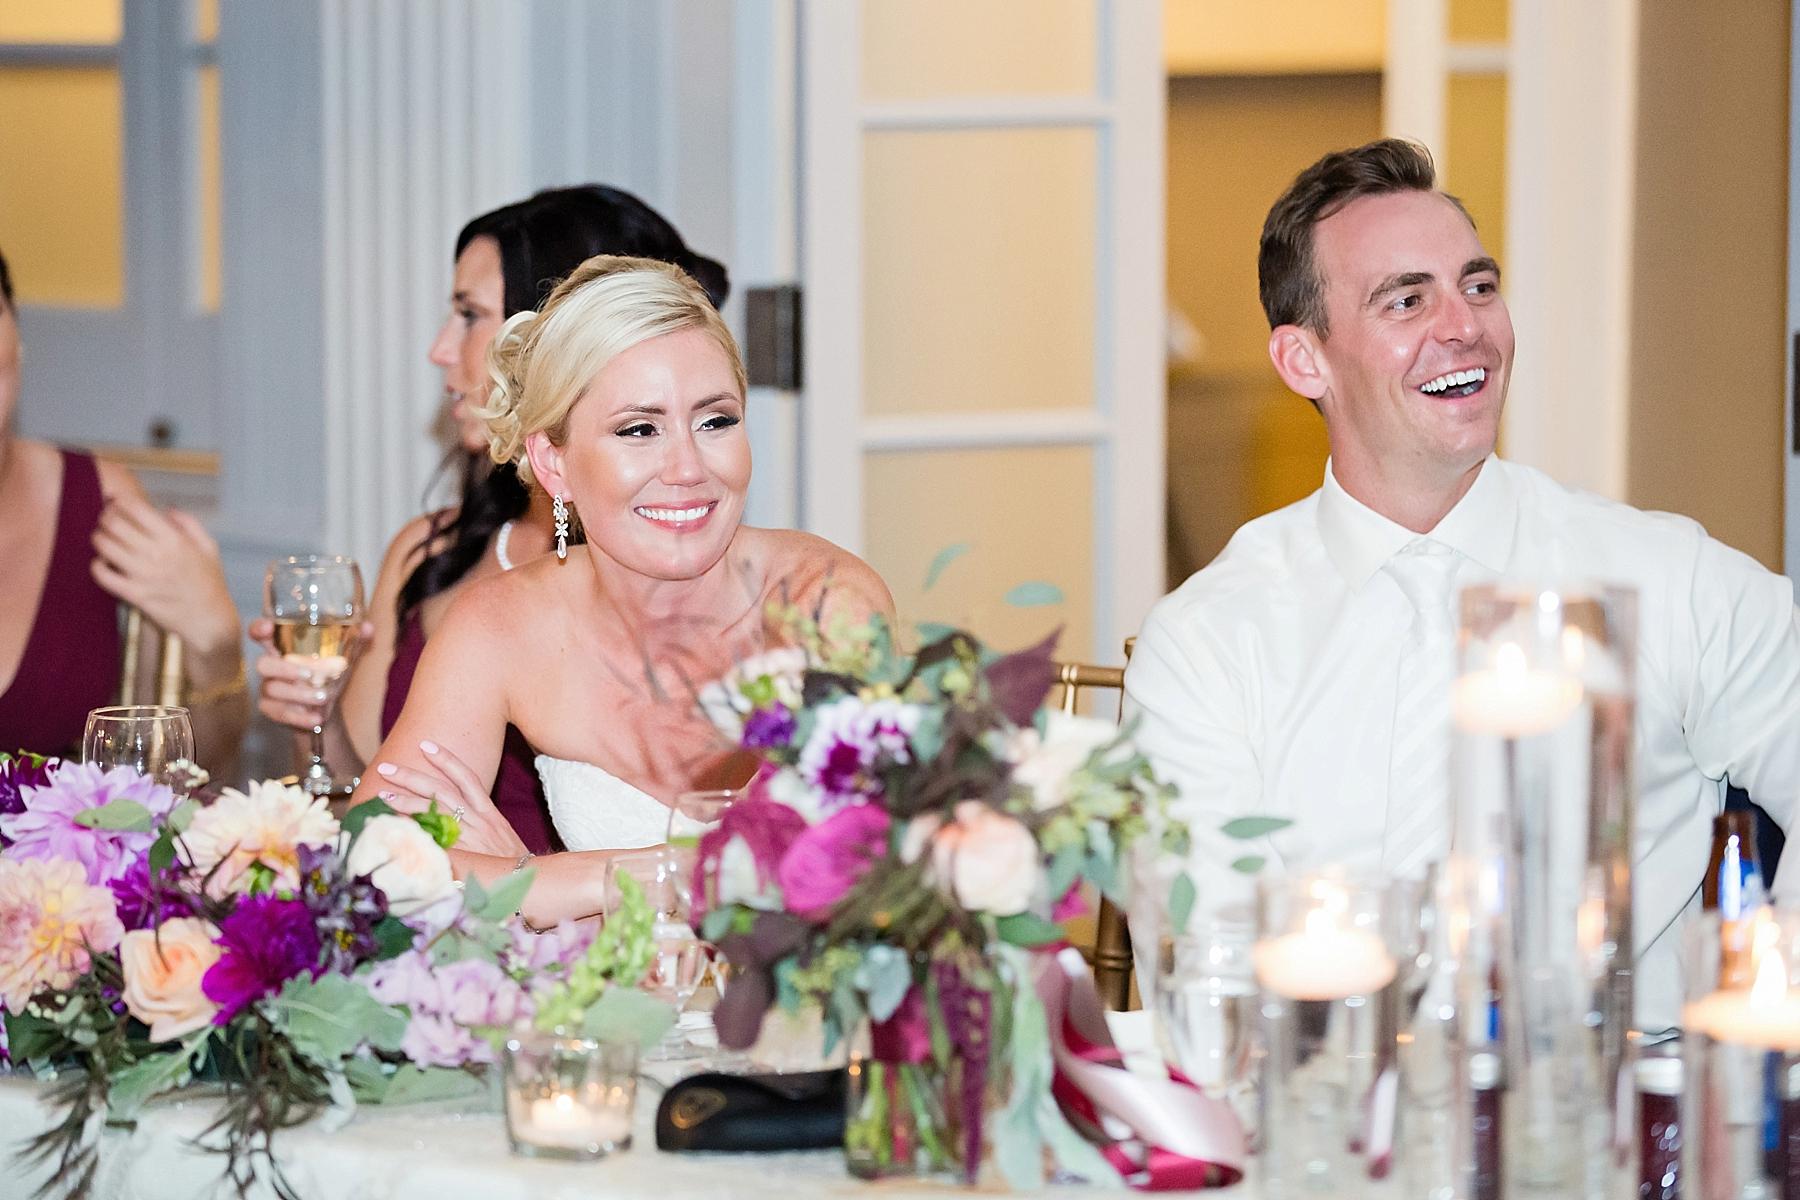 windsor-wedding-photographer-essex-golf-country-club-wedding-eryn-shea-photography_0076.jpg